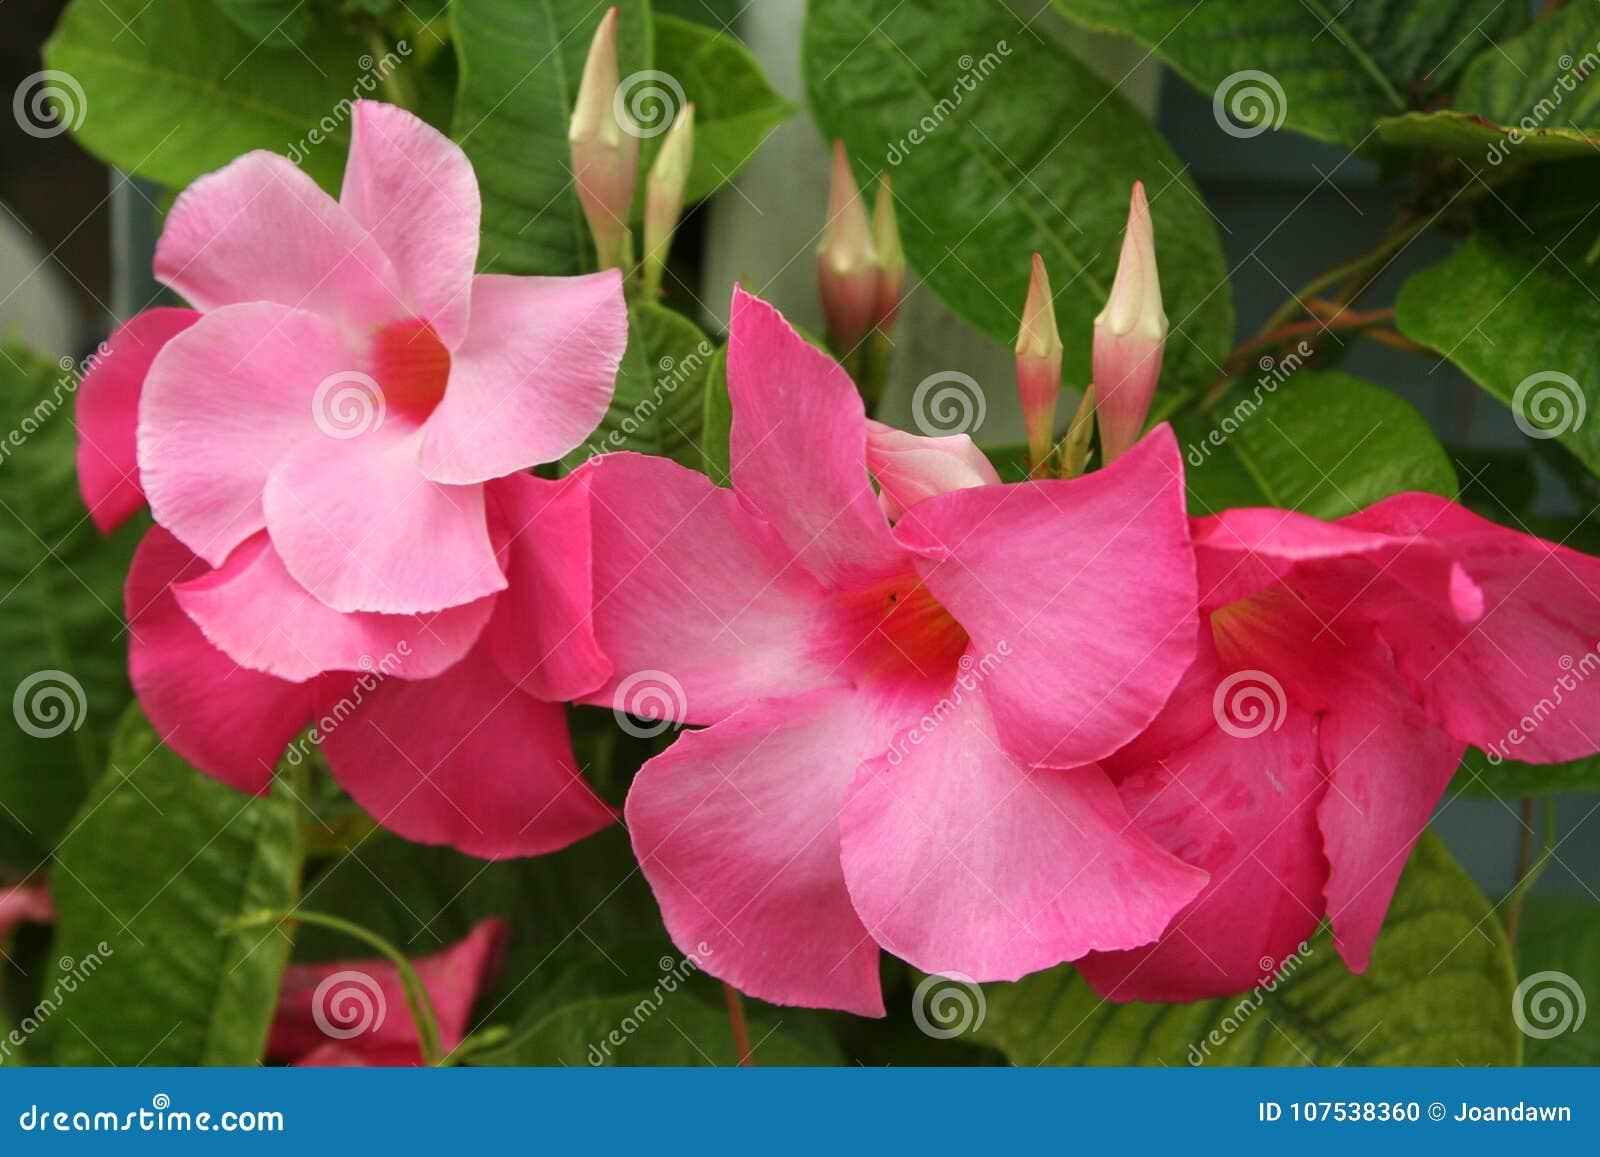 Mandevillabluten In Den Schatten Von Vibrierendem Rosa Und